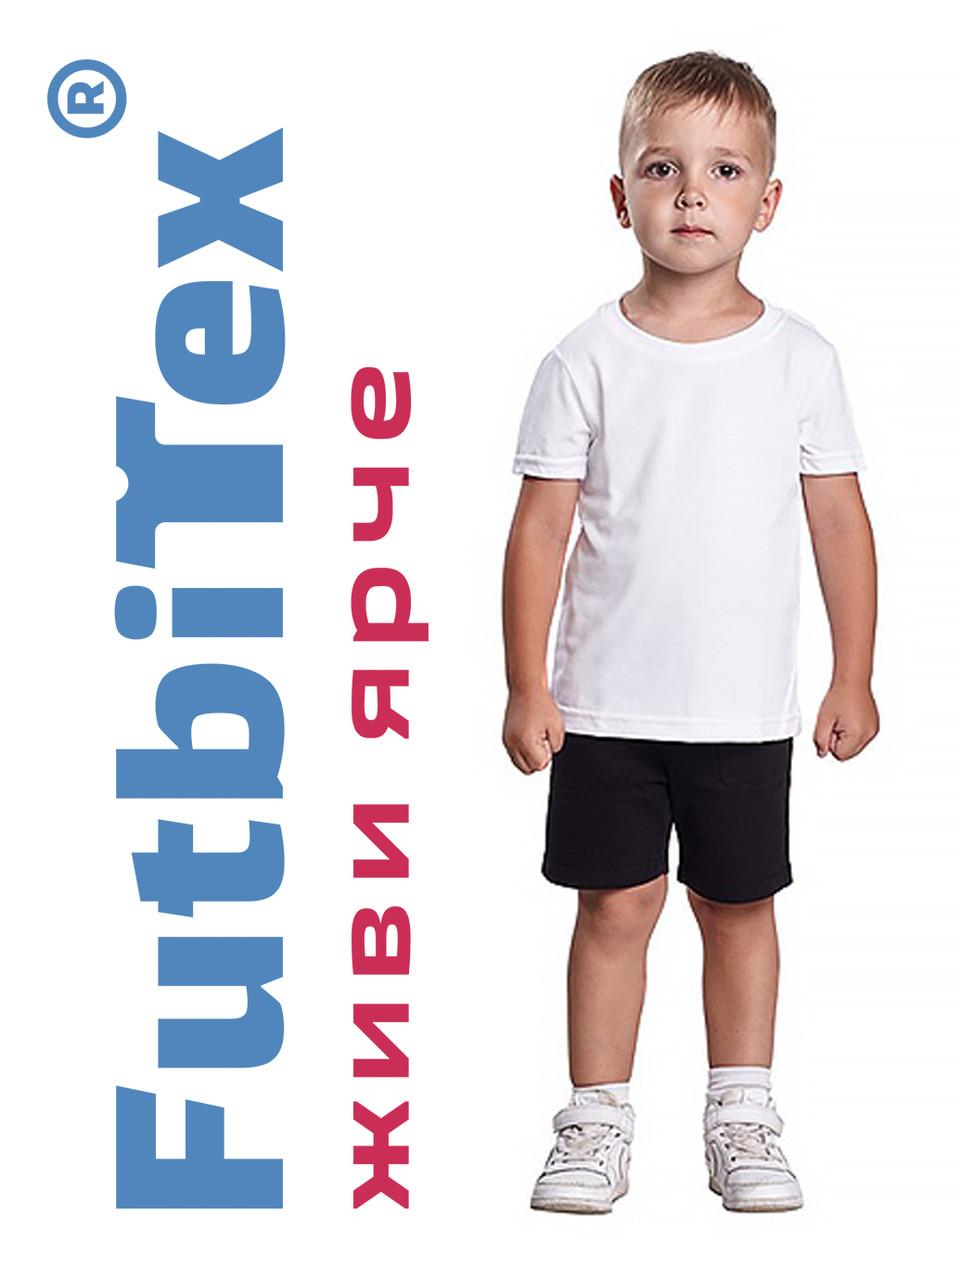 Футболка Futbitex Evolution под нанесение изображения (сублимация) 34